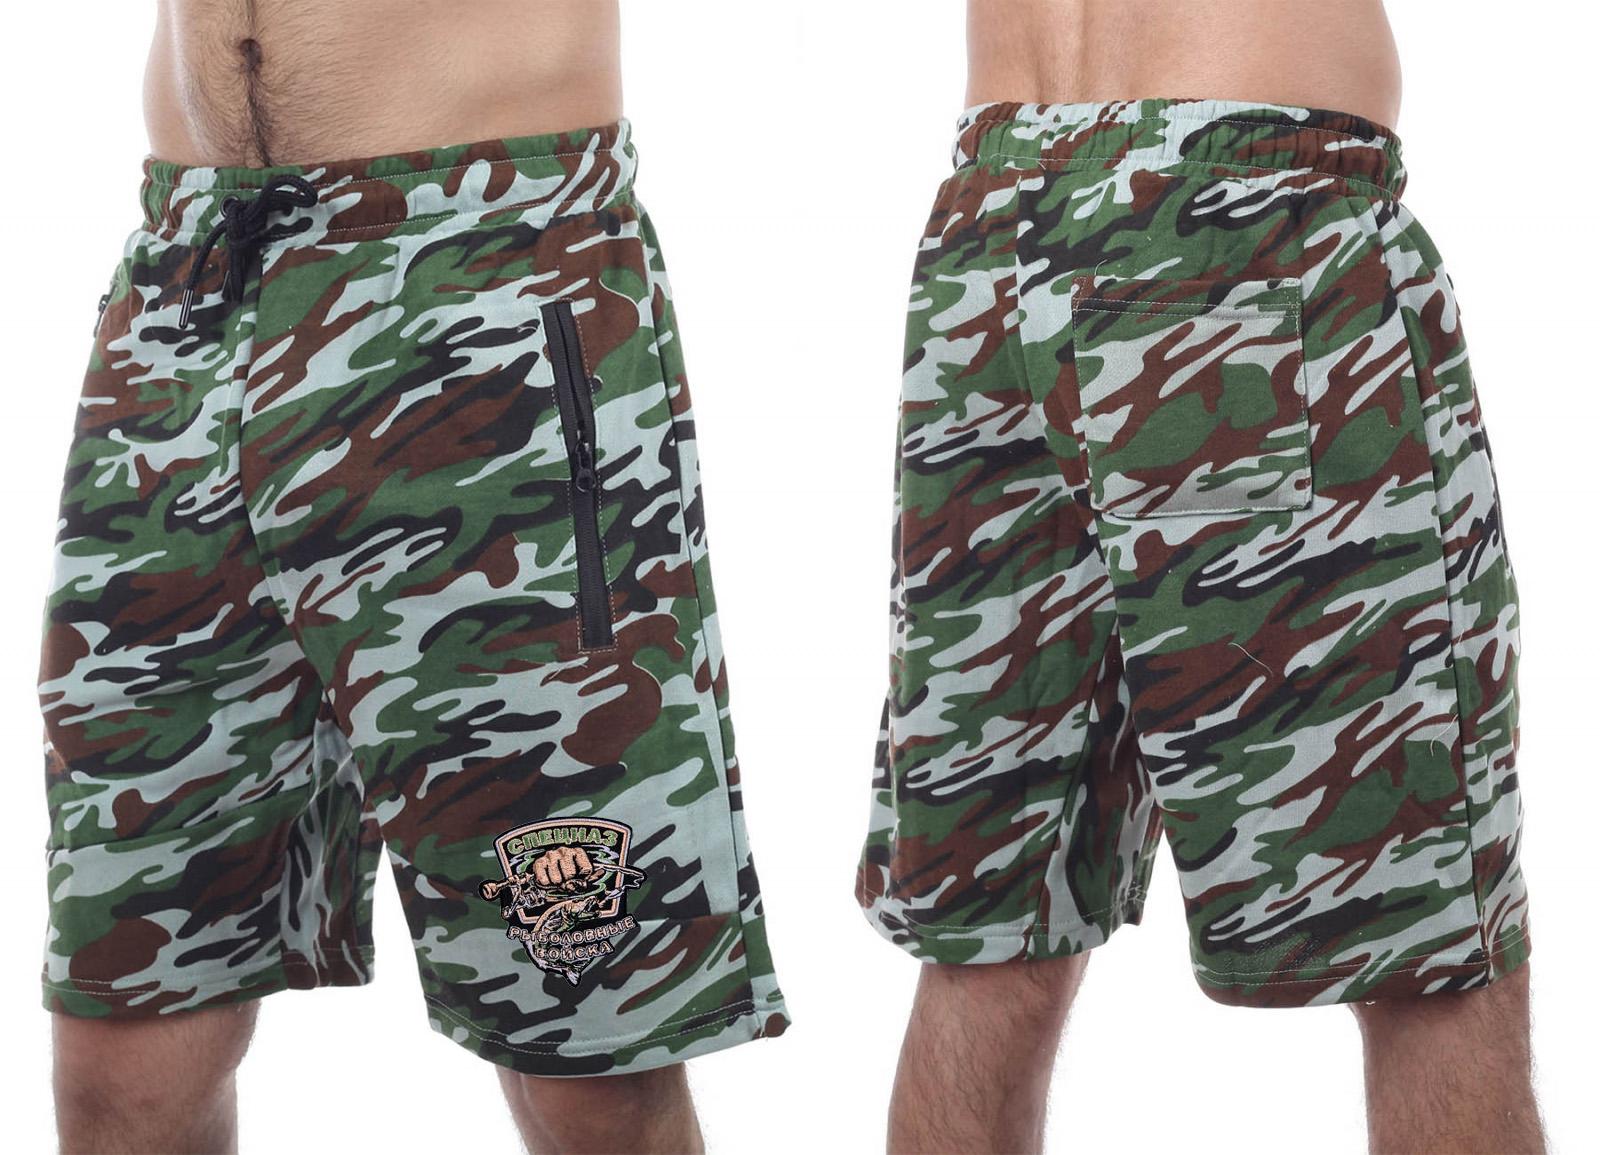 Летние мужские шорты с рыбацкой нашивкой Спецназ рыболовных войск купить в подарок